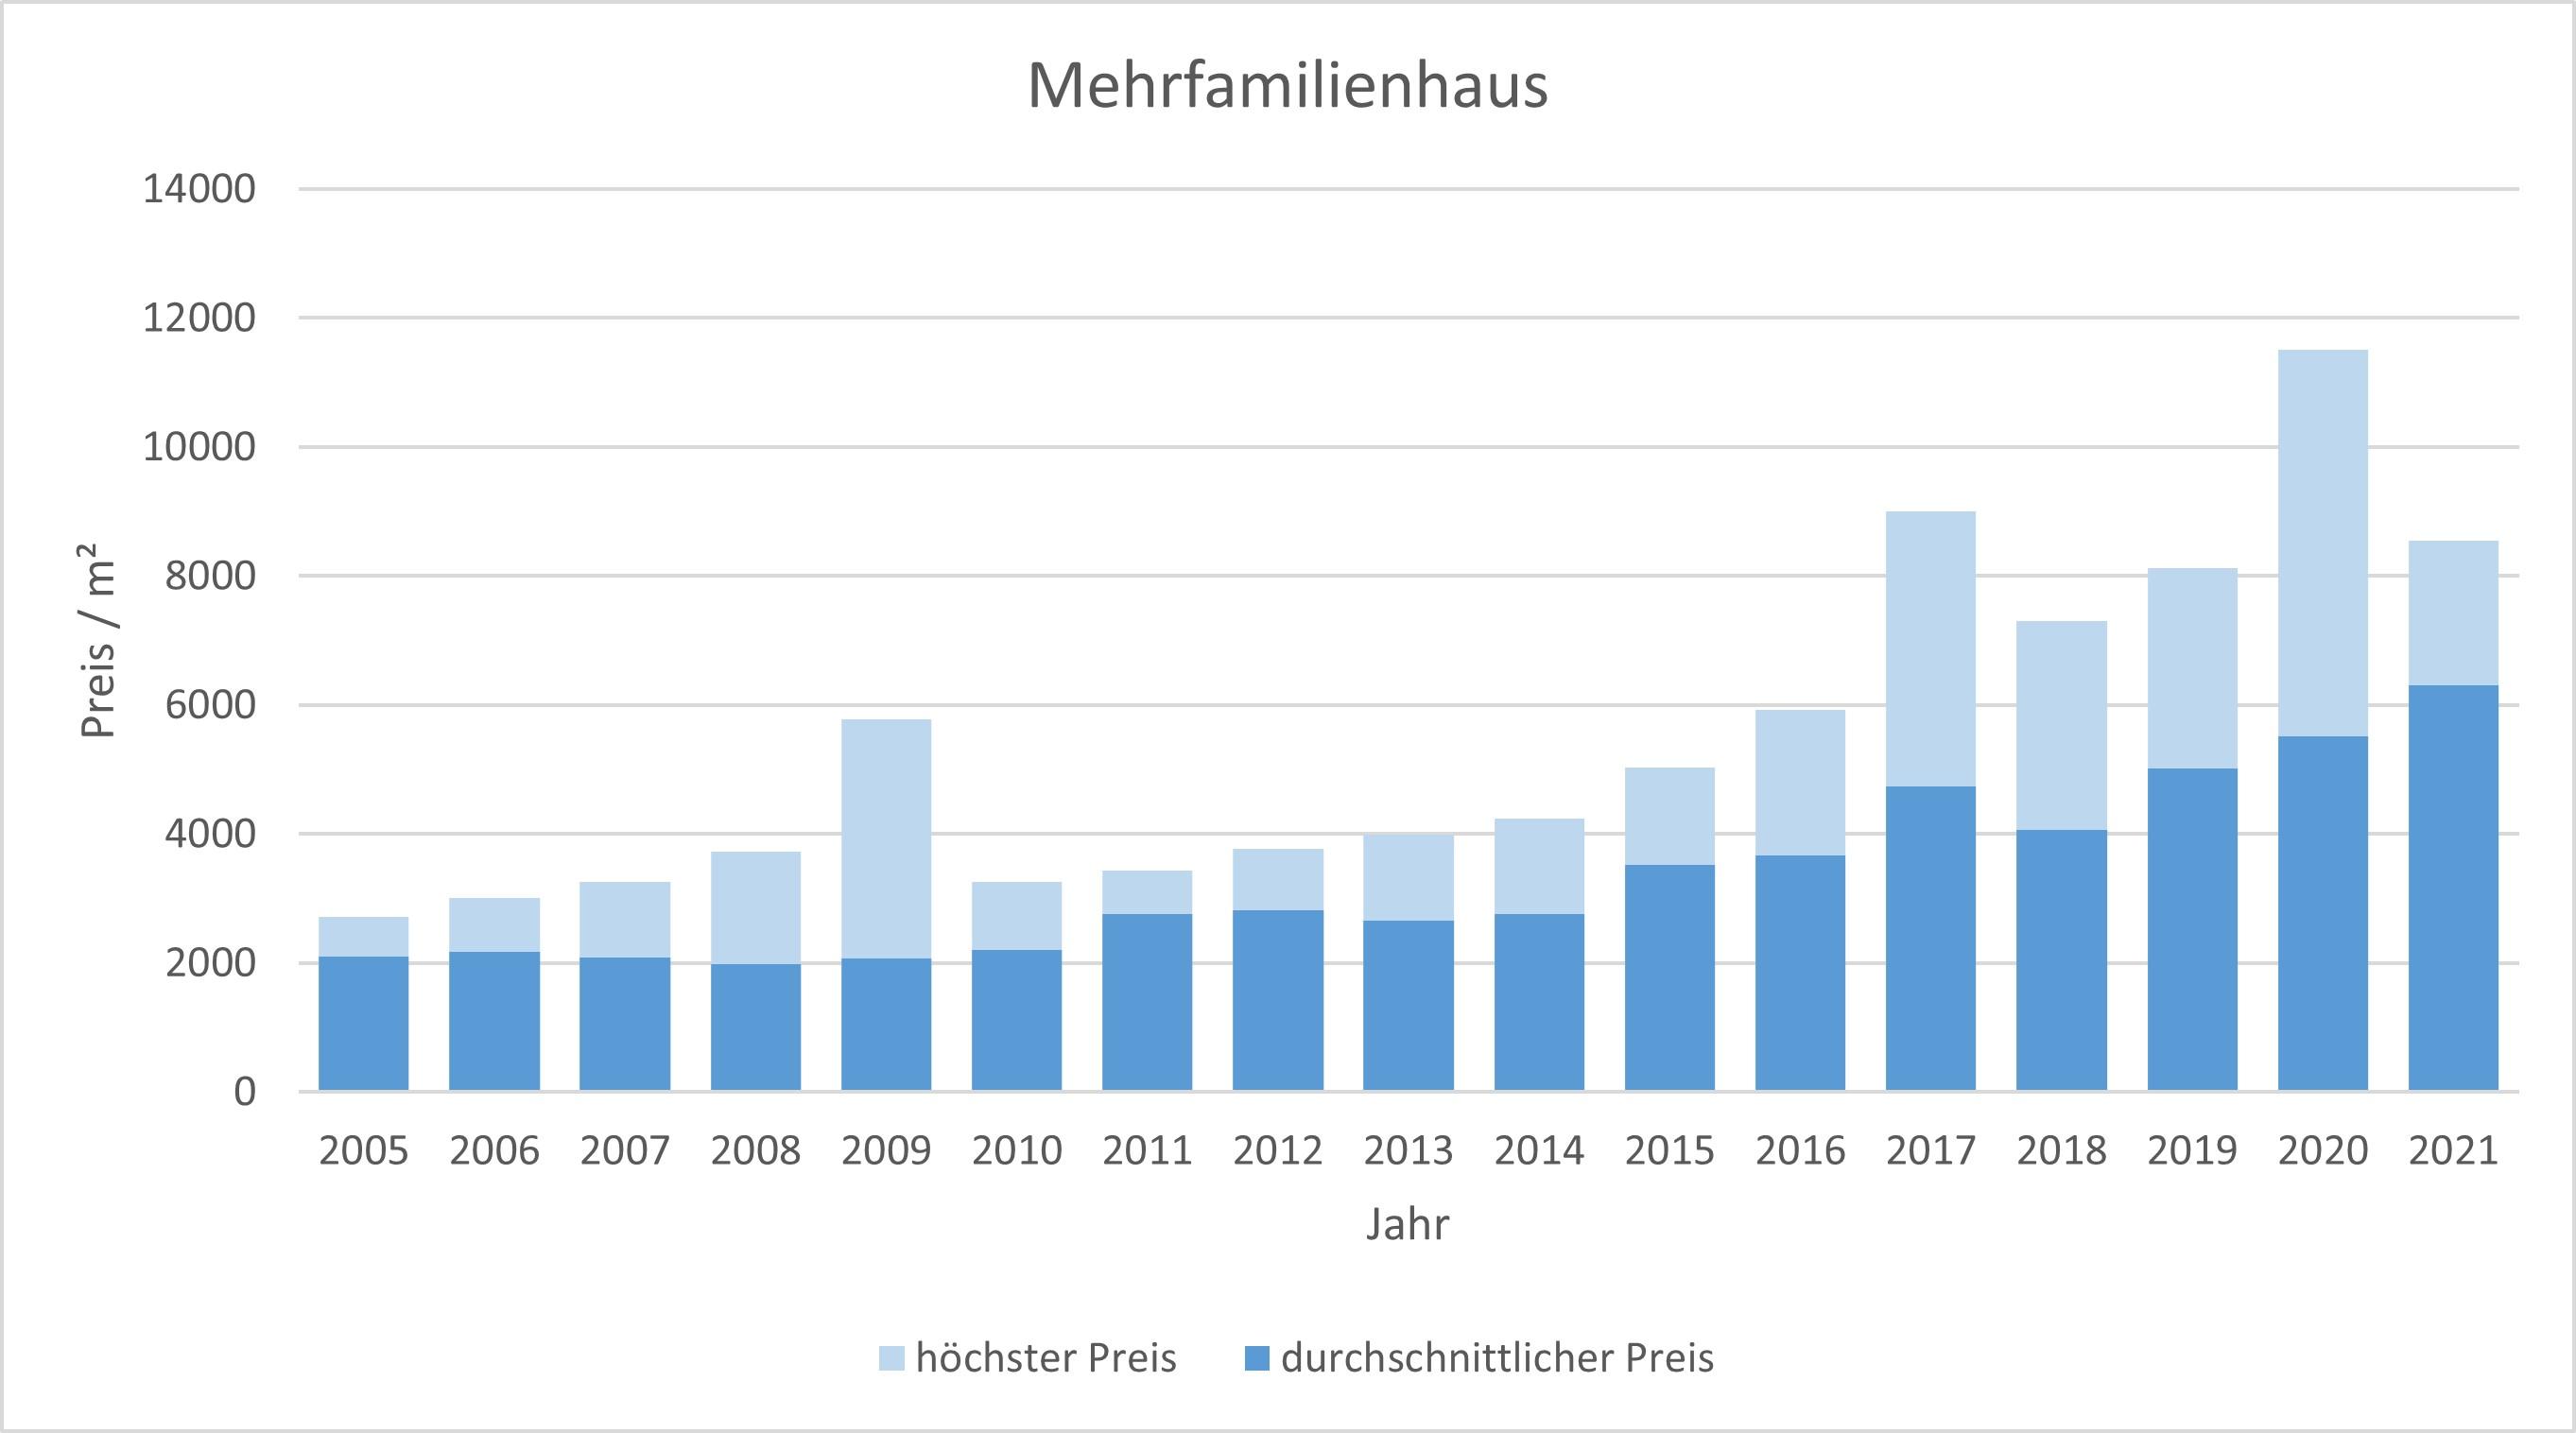 Dachau Mehrfamilienhaus kaufen verkaufen preis bewertung 2019 2020 2021 makler www.happy-immo.de